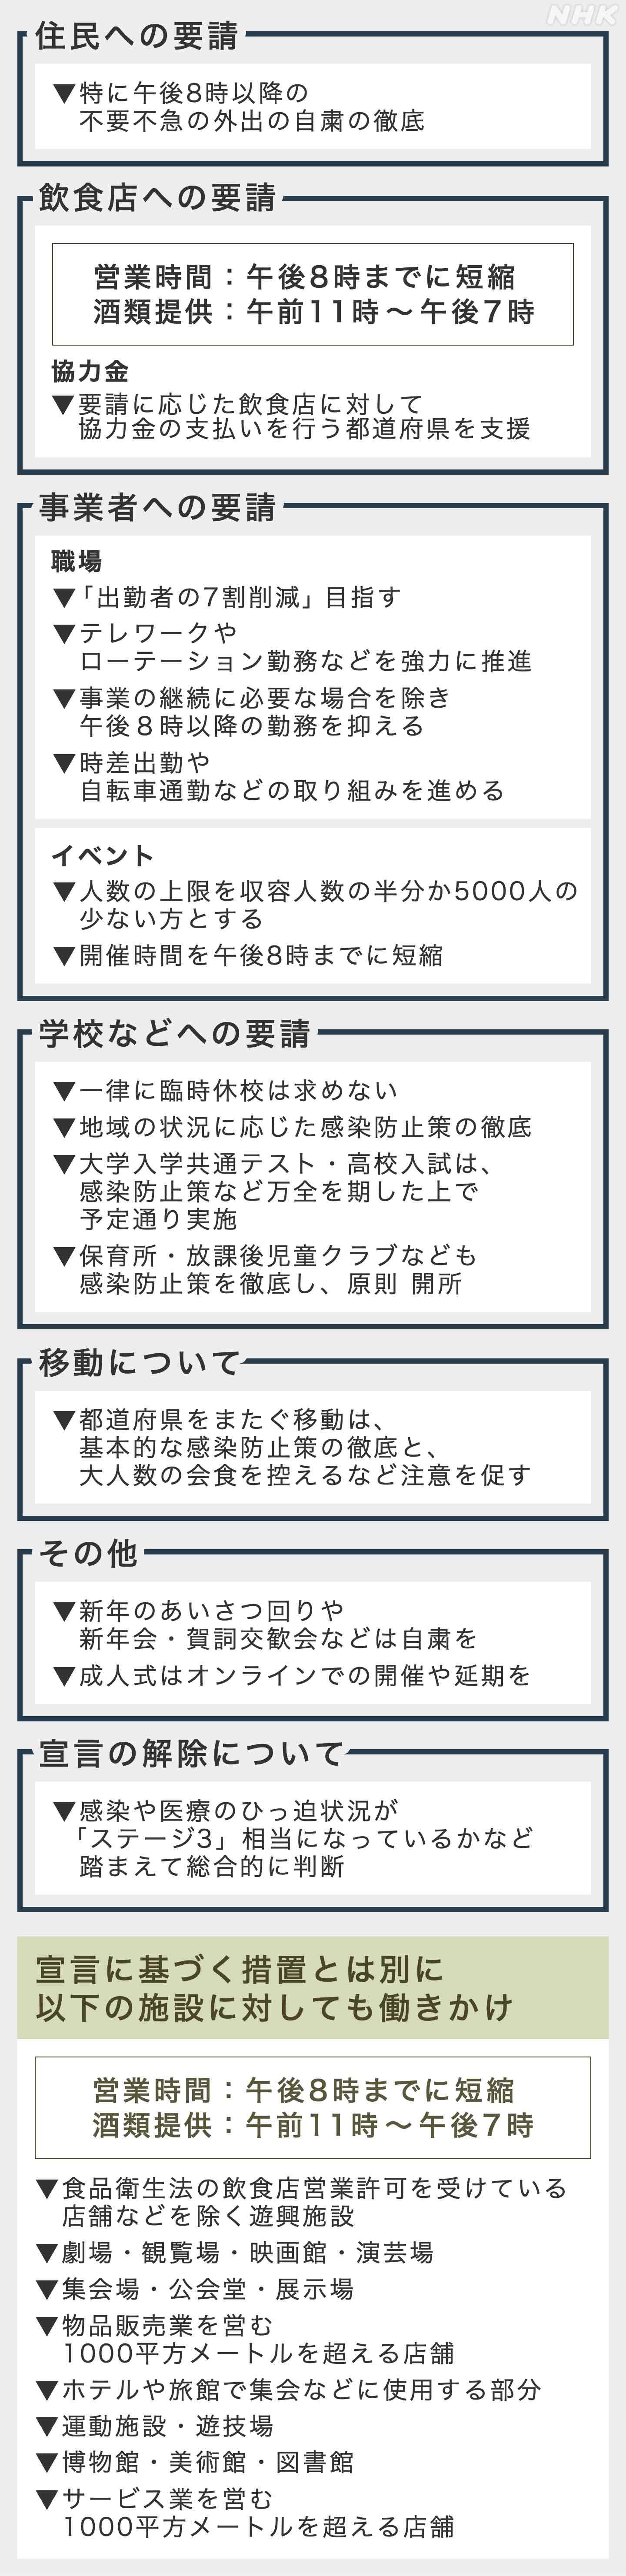 県 数 愛知 コロナ 感染 速報 者